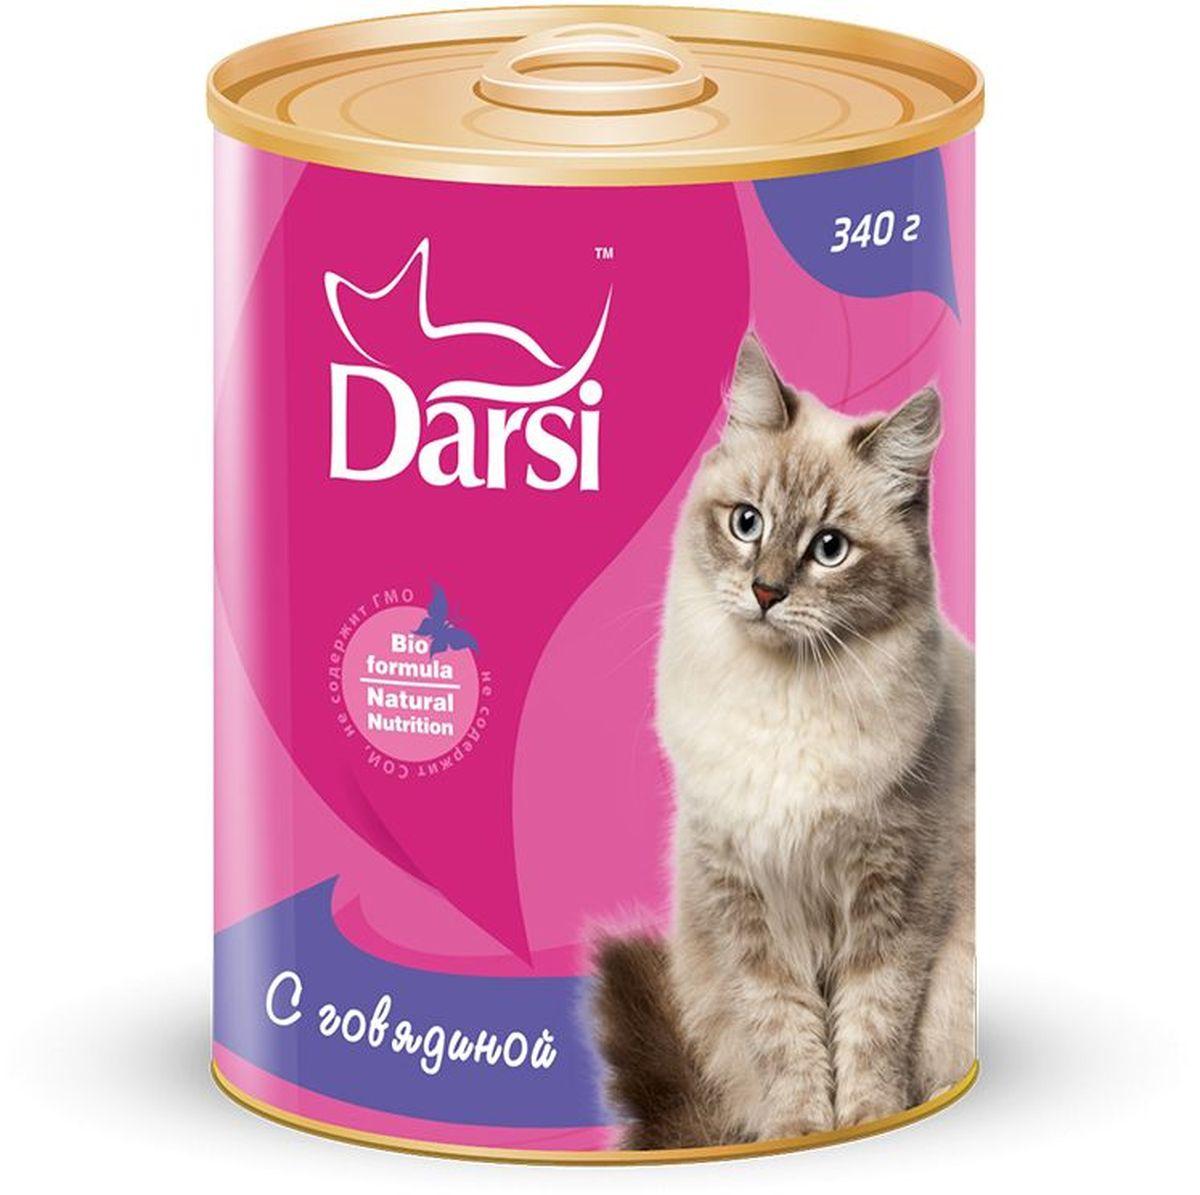 Консервы для кошек Darsi, с говядиной, 340 г. 92660806Полнорационный консервированный корм для кошек в виде фарша.